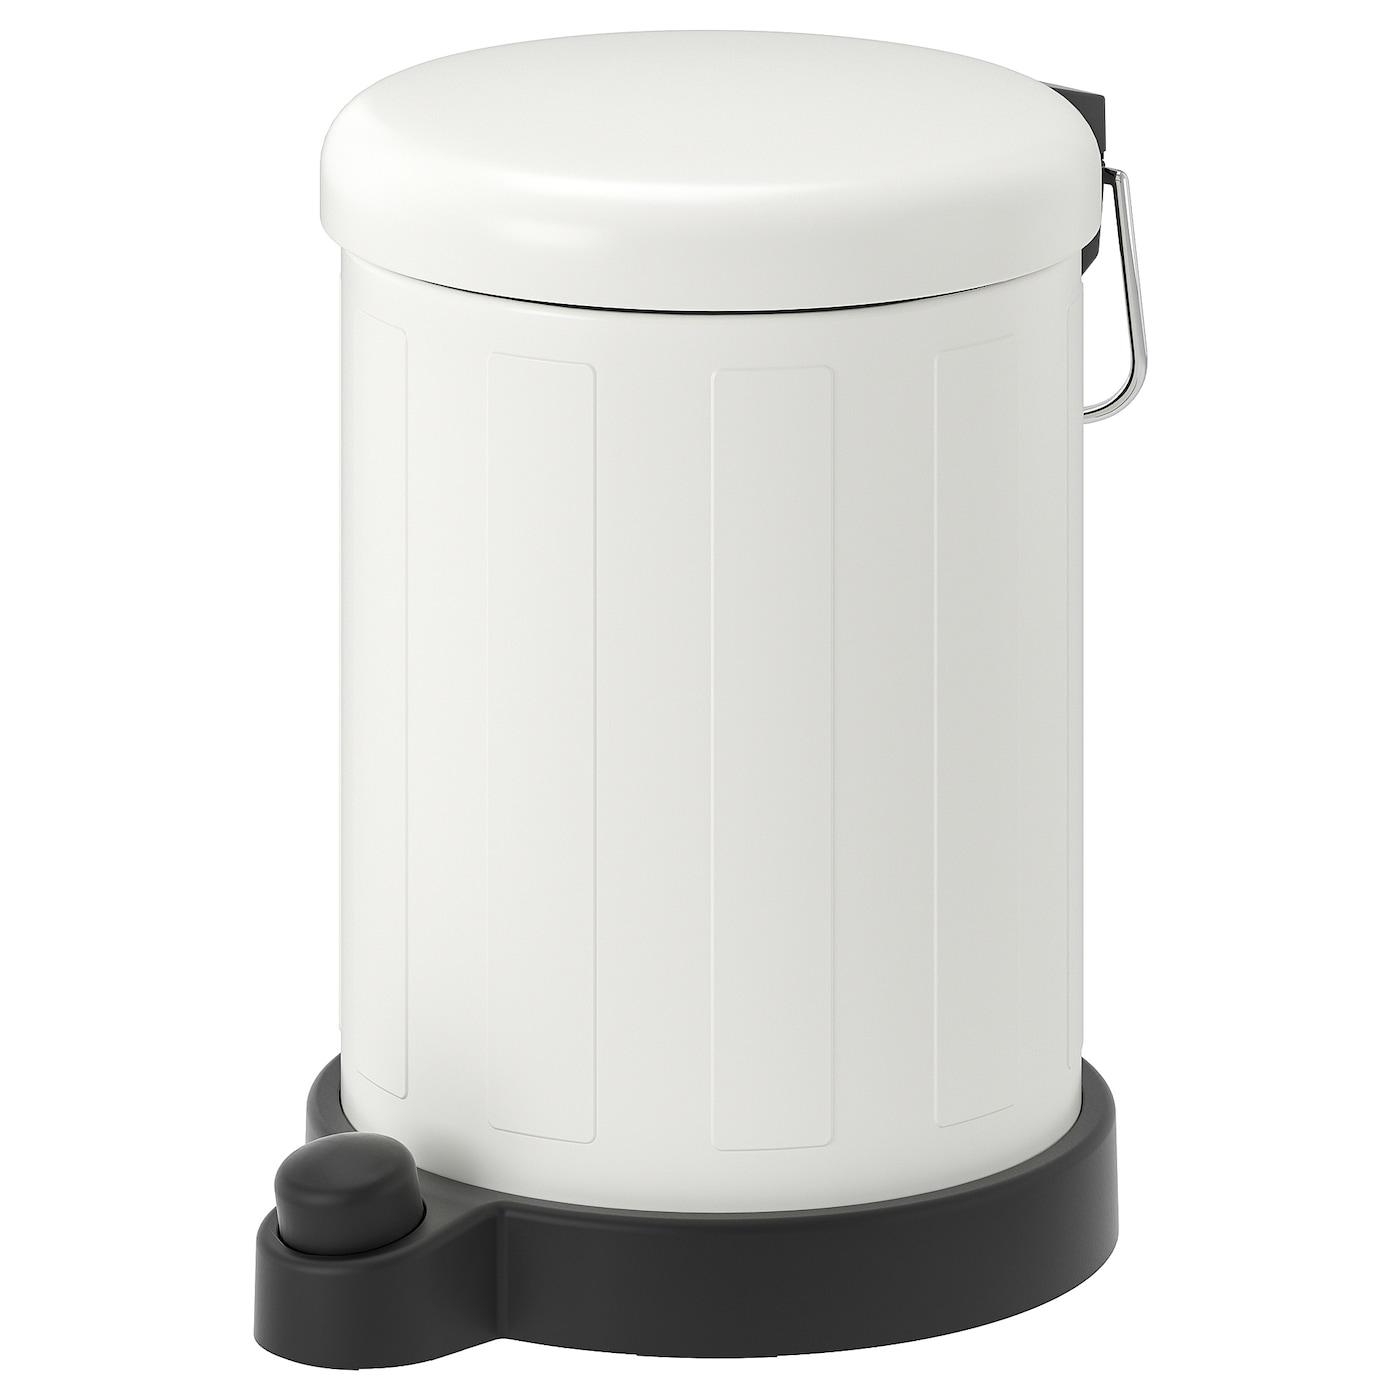 TOFTAN Waste bin - white 8 l